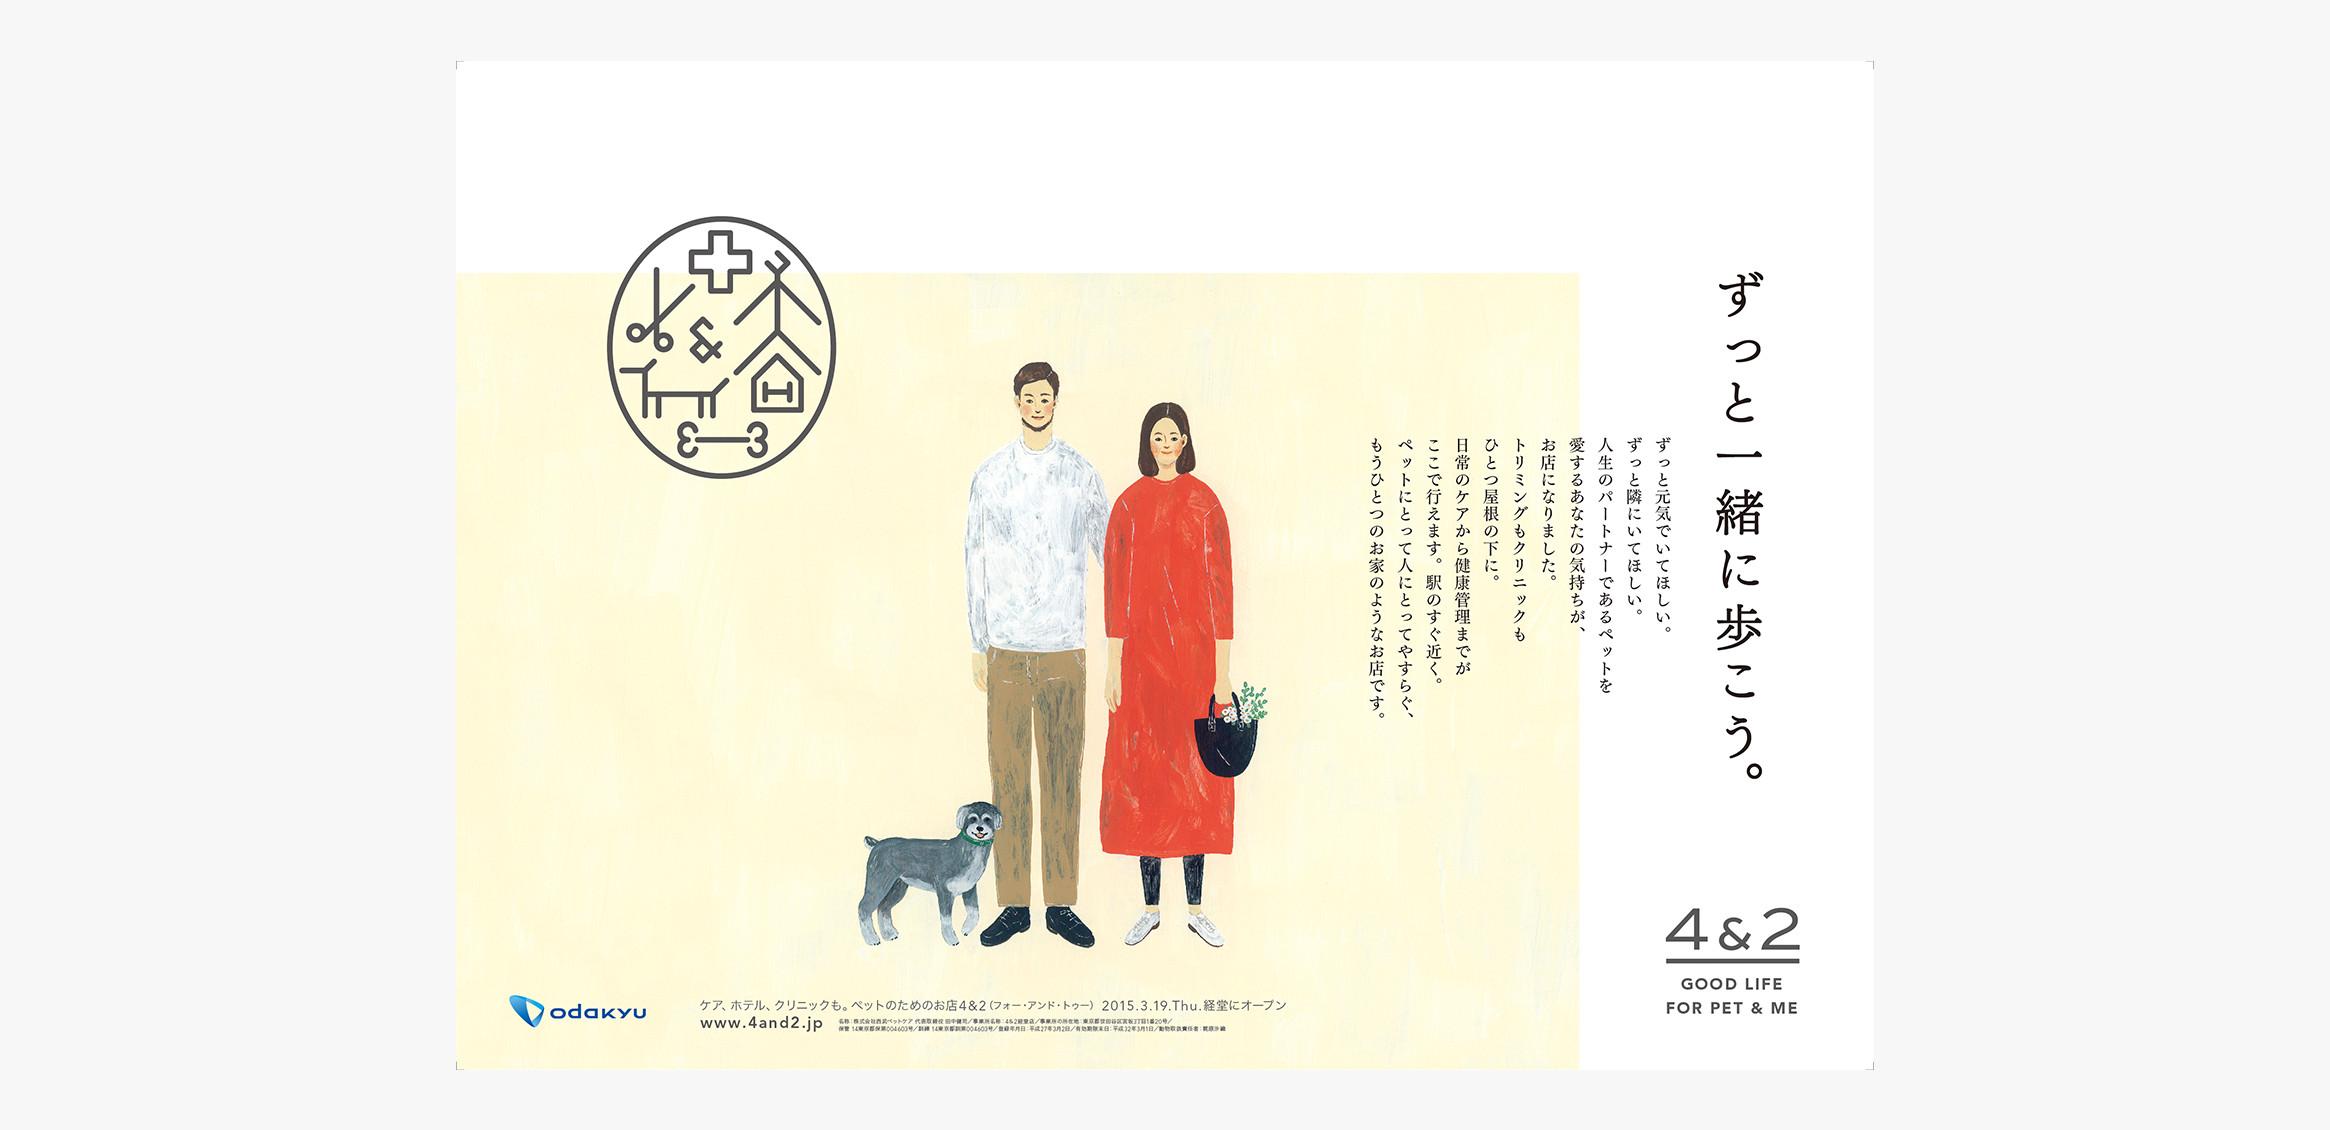 4&2 ポスター1枚目